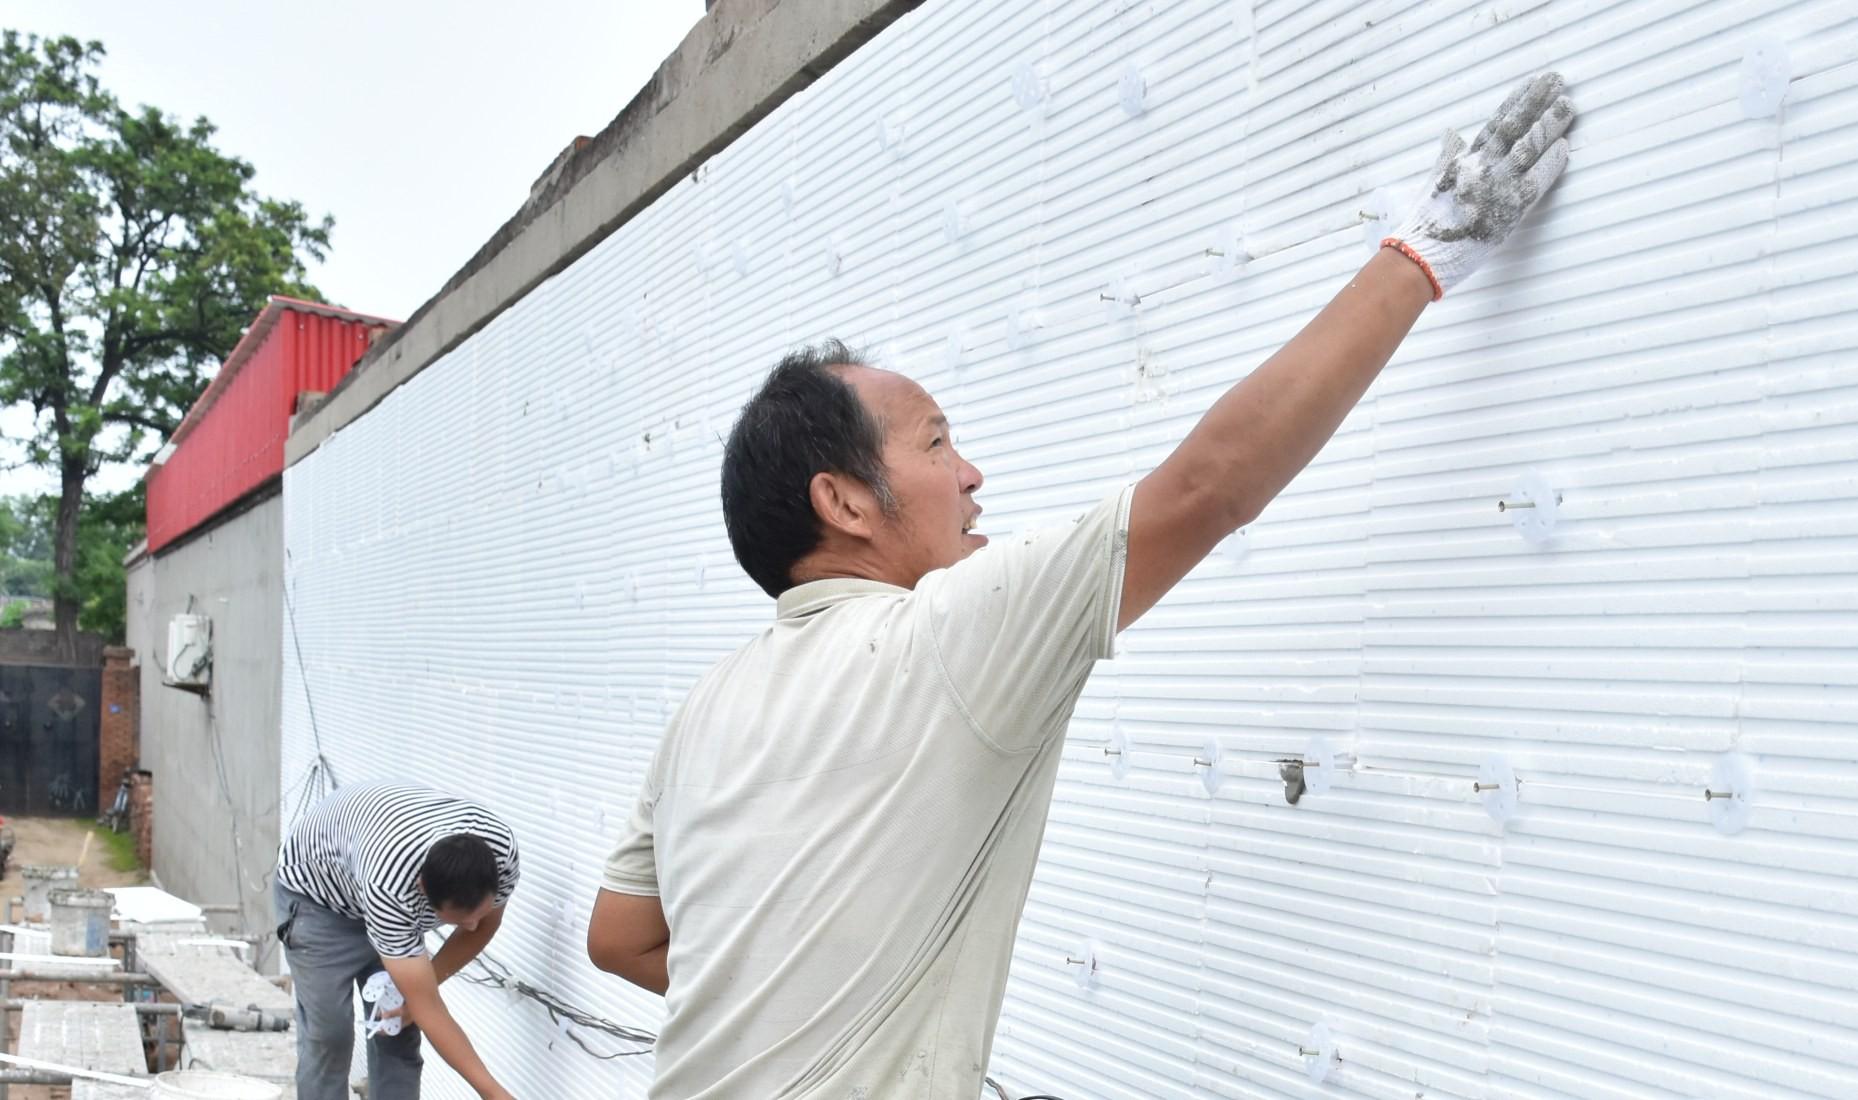 定州市住房和城乡建设局深入实施农村住房节能改造项目